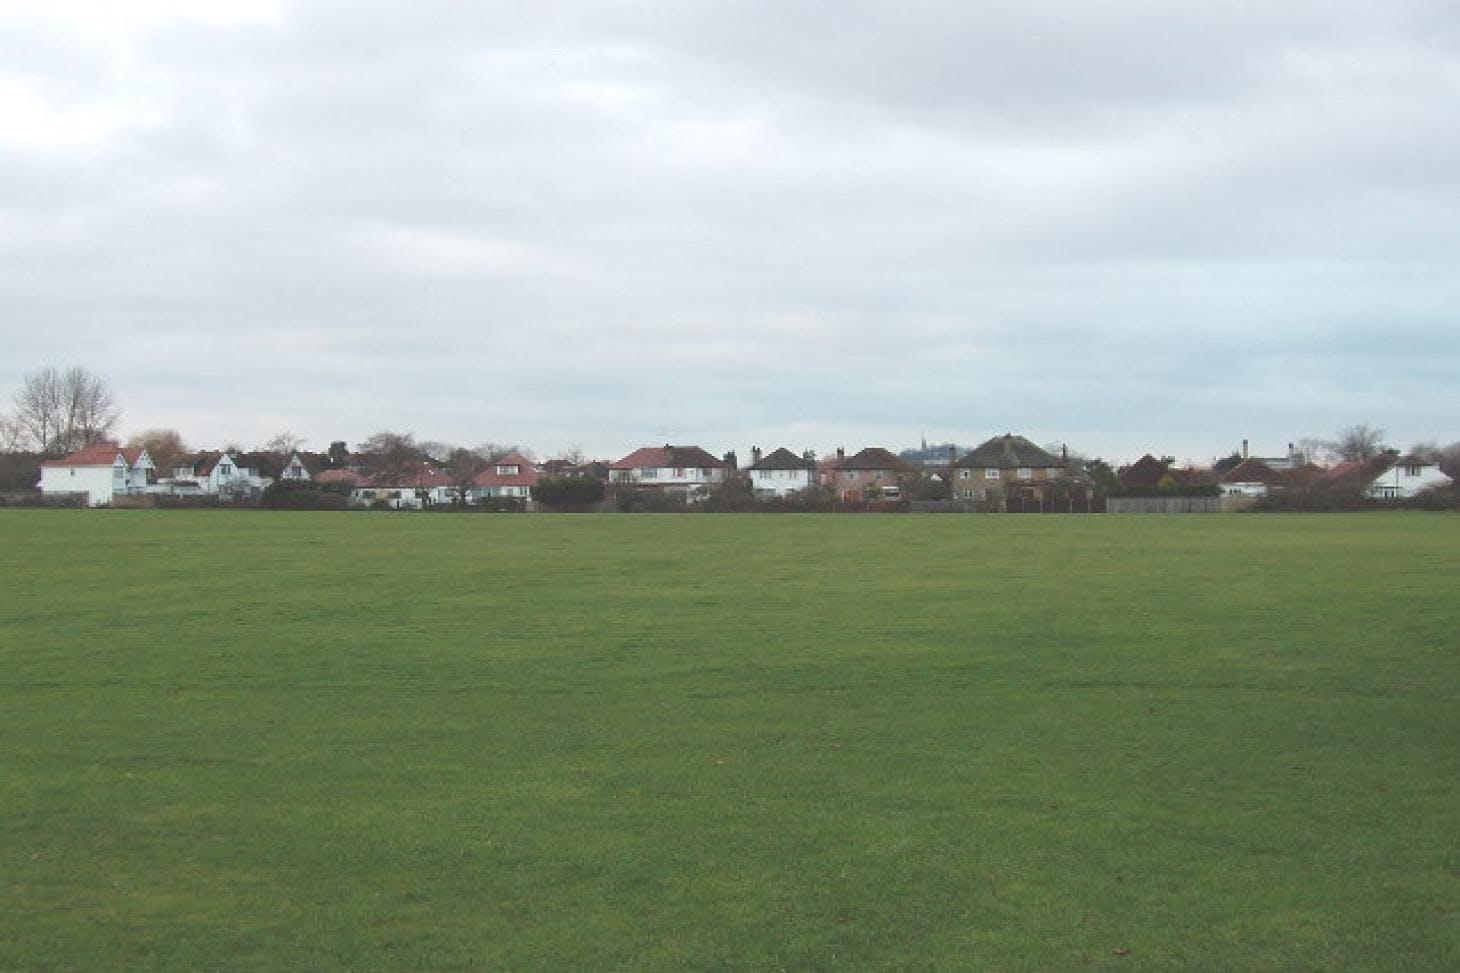 John Billam Sports Ground 5 a side | Grass football pitch